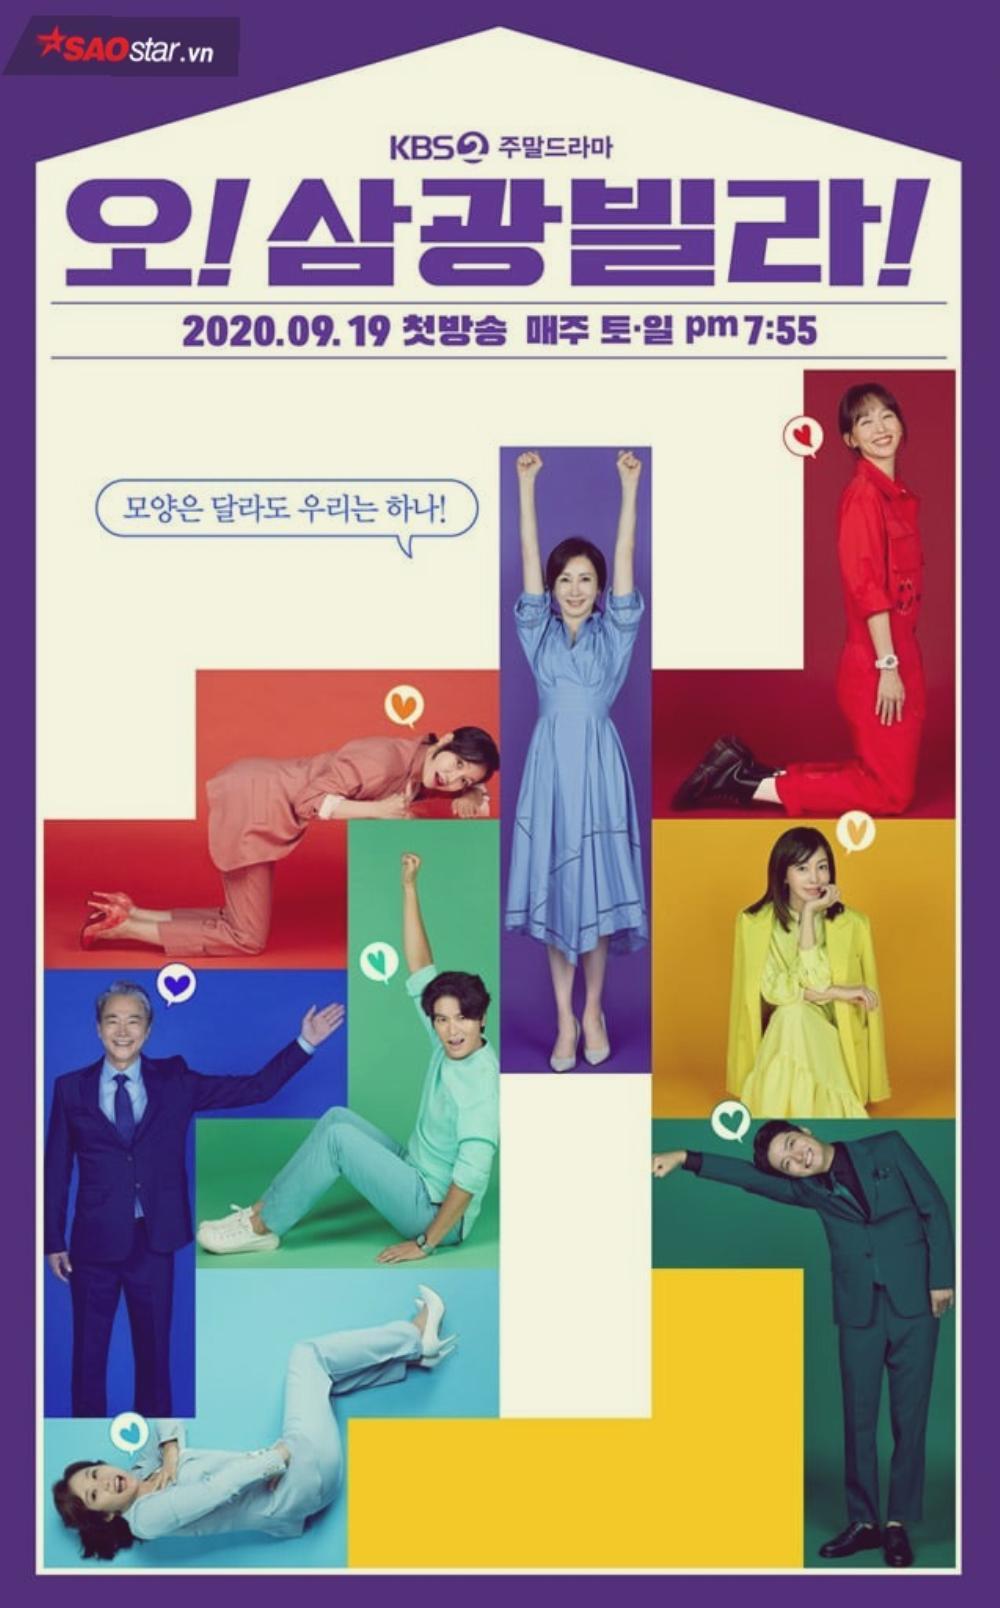 Phim truyền hình Hàn Quốc cuối tháng 9: Đa dạng thể loại nhưng nội dung không mới mẻ Ảnh 2